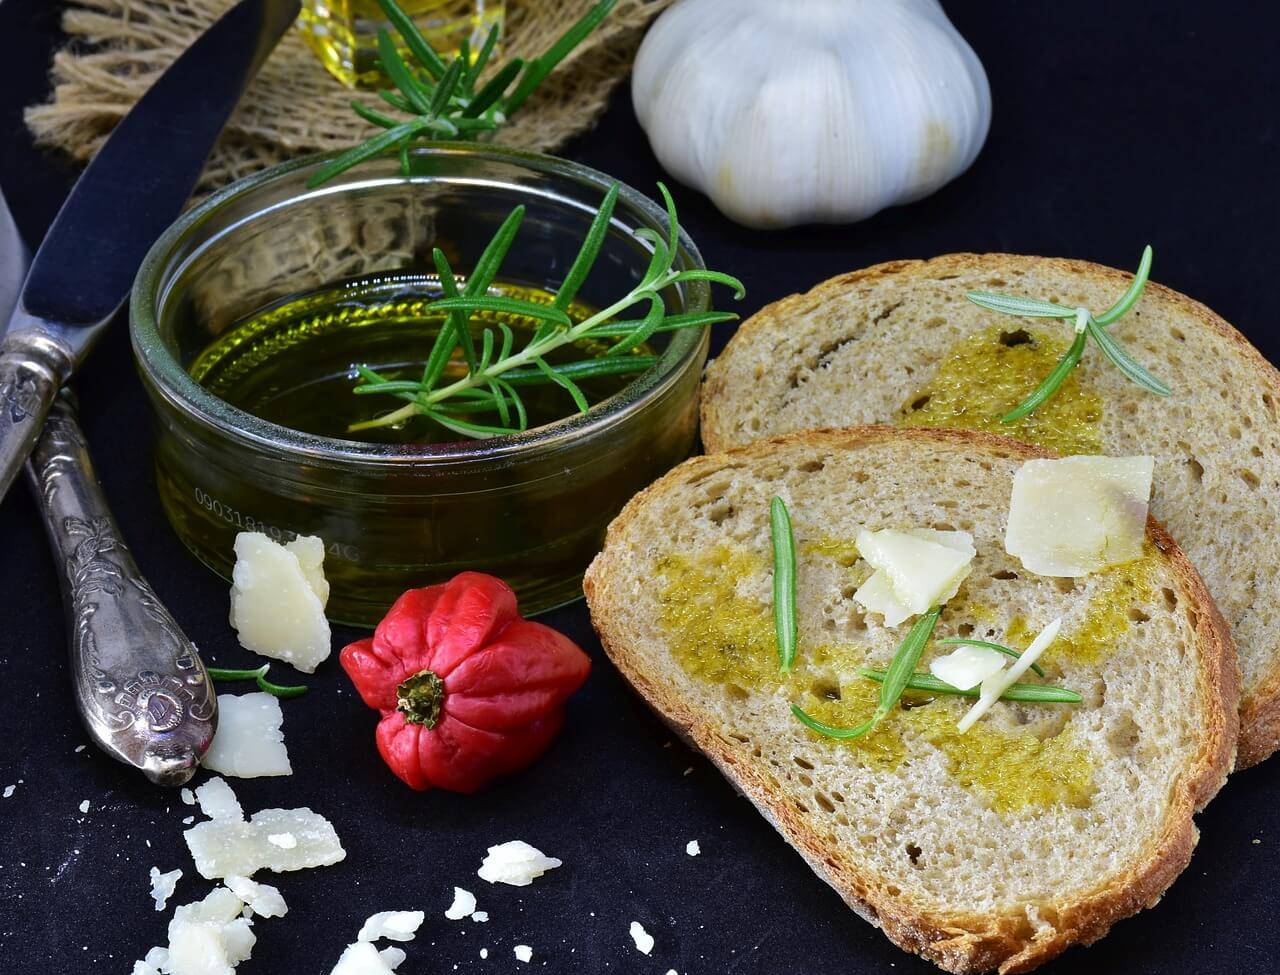 Productos de la gastronomía mediterránea